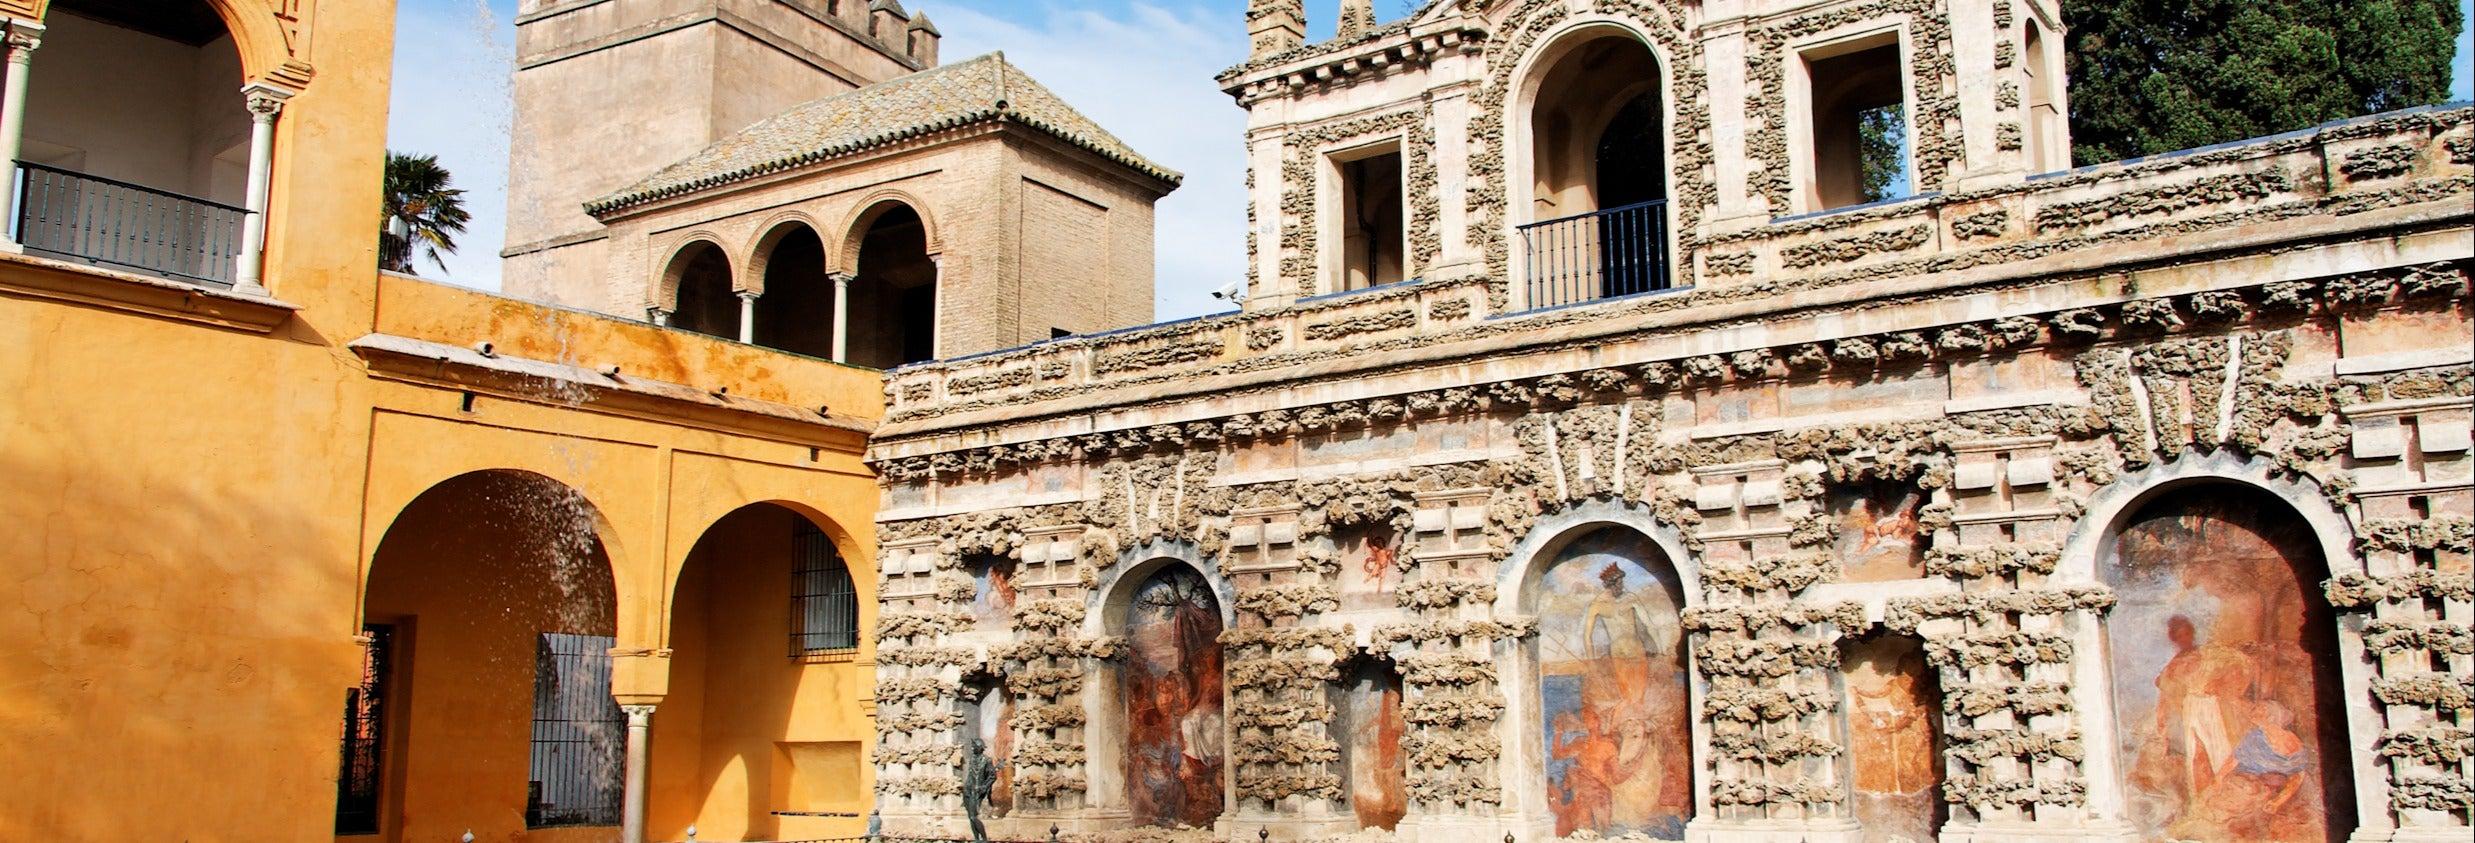 Tour privado por el Alcázar de Sevilla